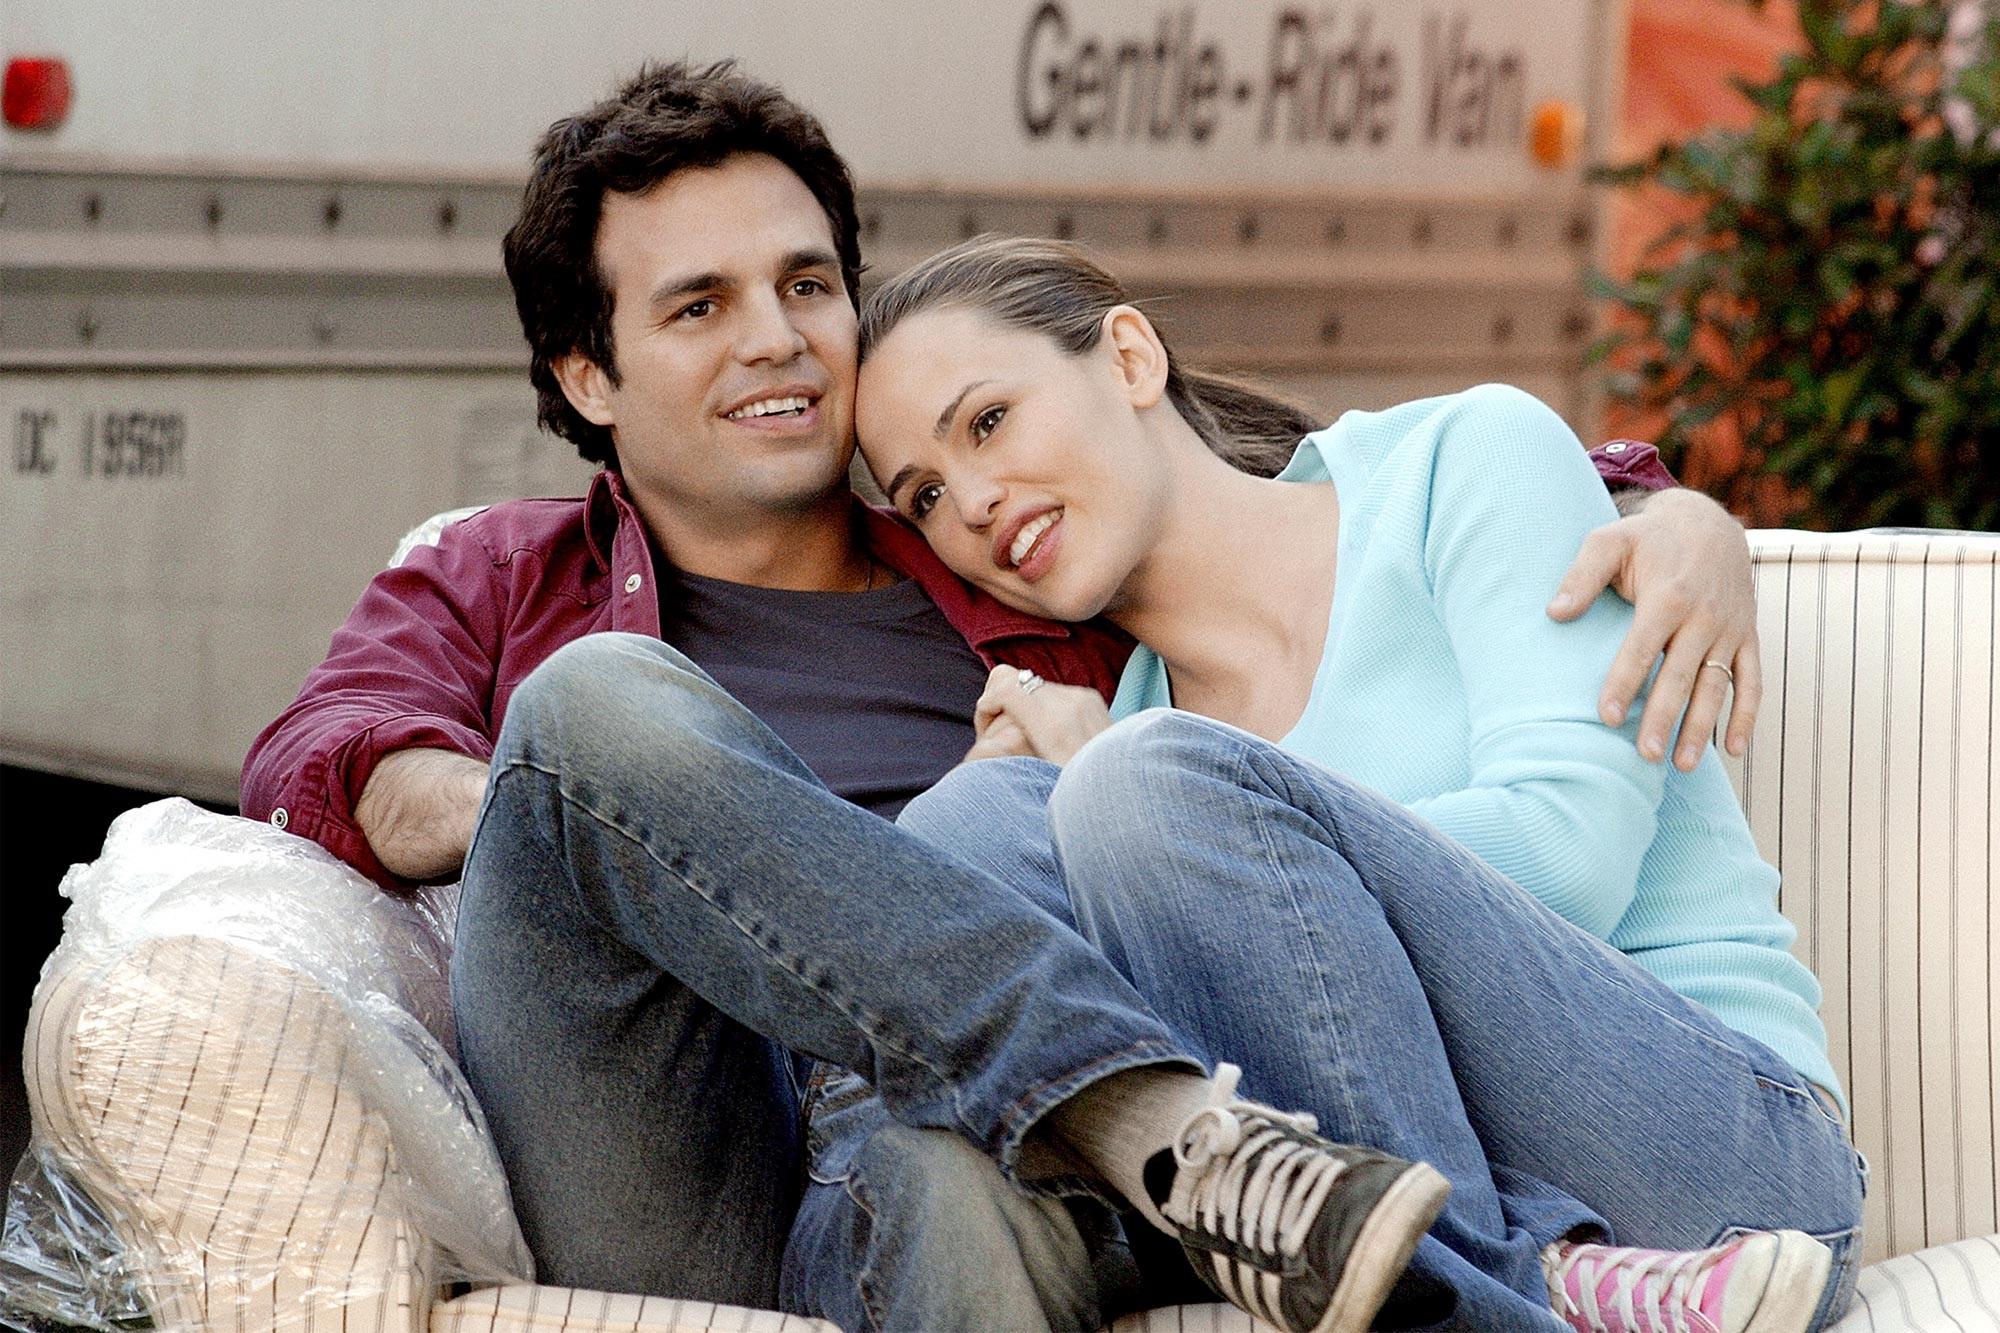 Mark Ruffalo and Jennifer Garner in 13 Going on 30